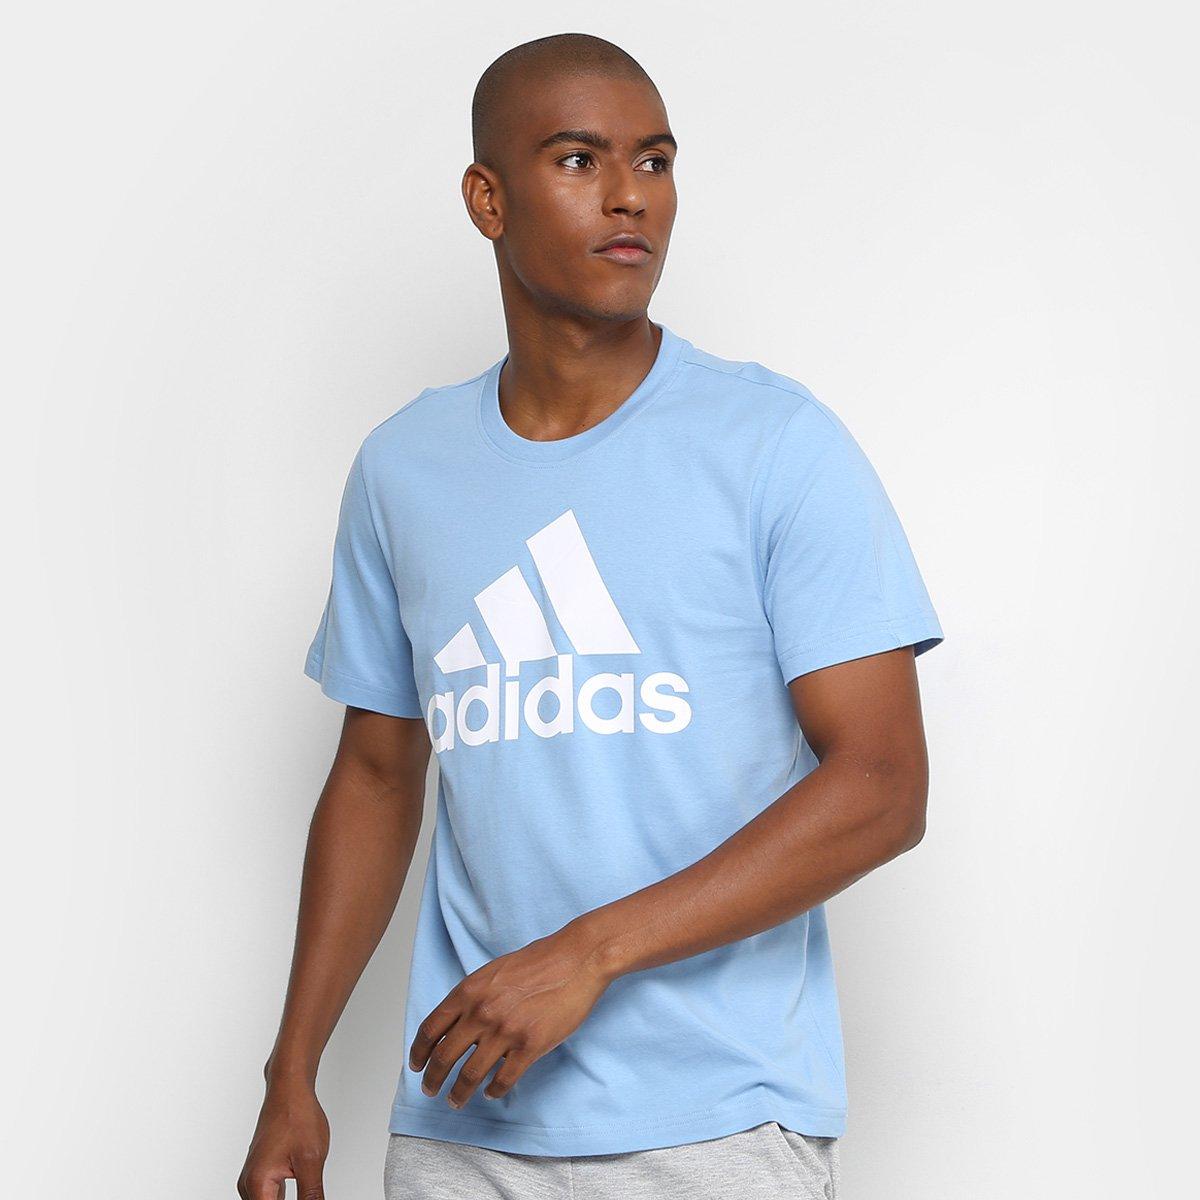 a921c30b239 Camiseta Adidas Ess Linear Masculina - Compre Agora